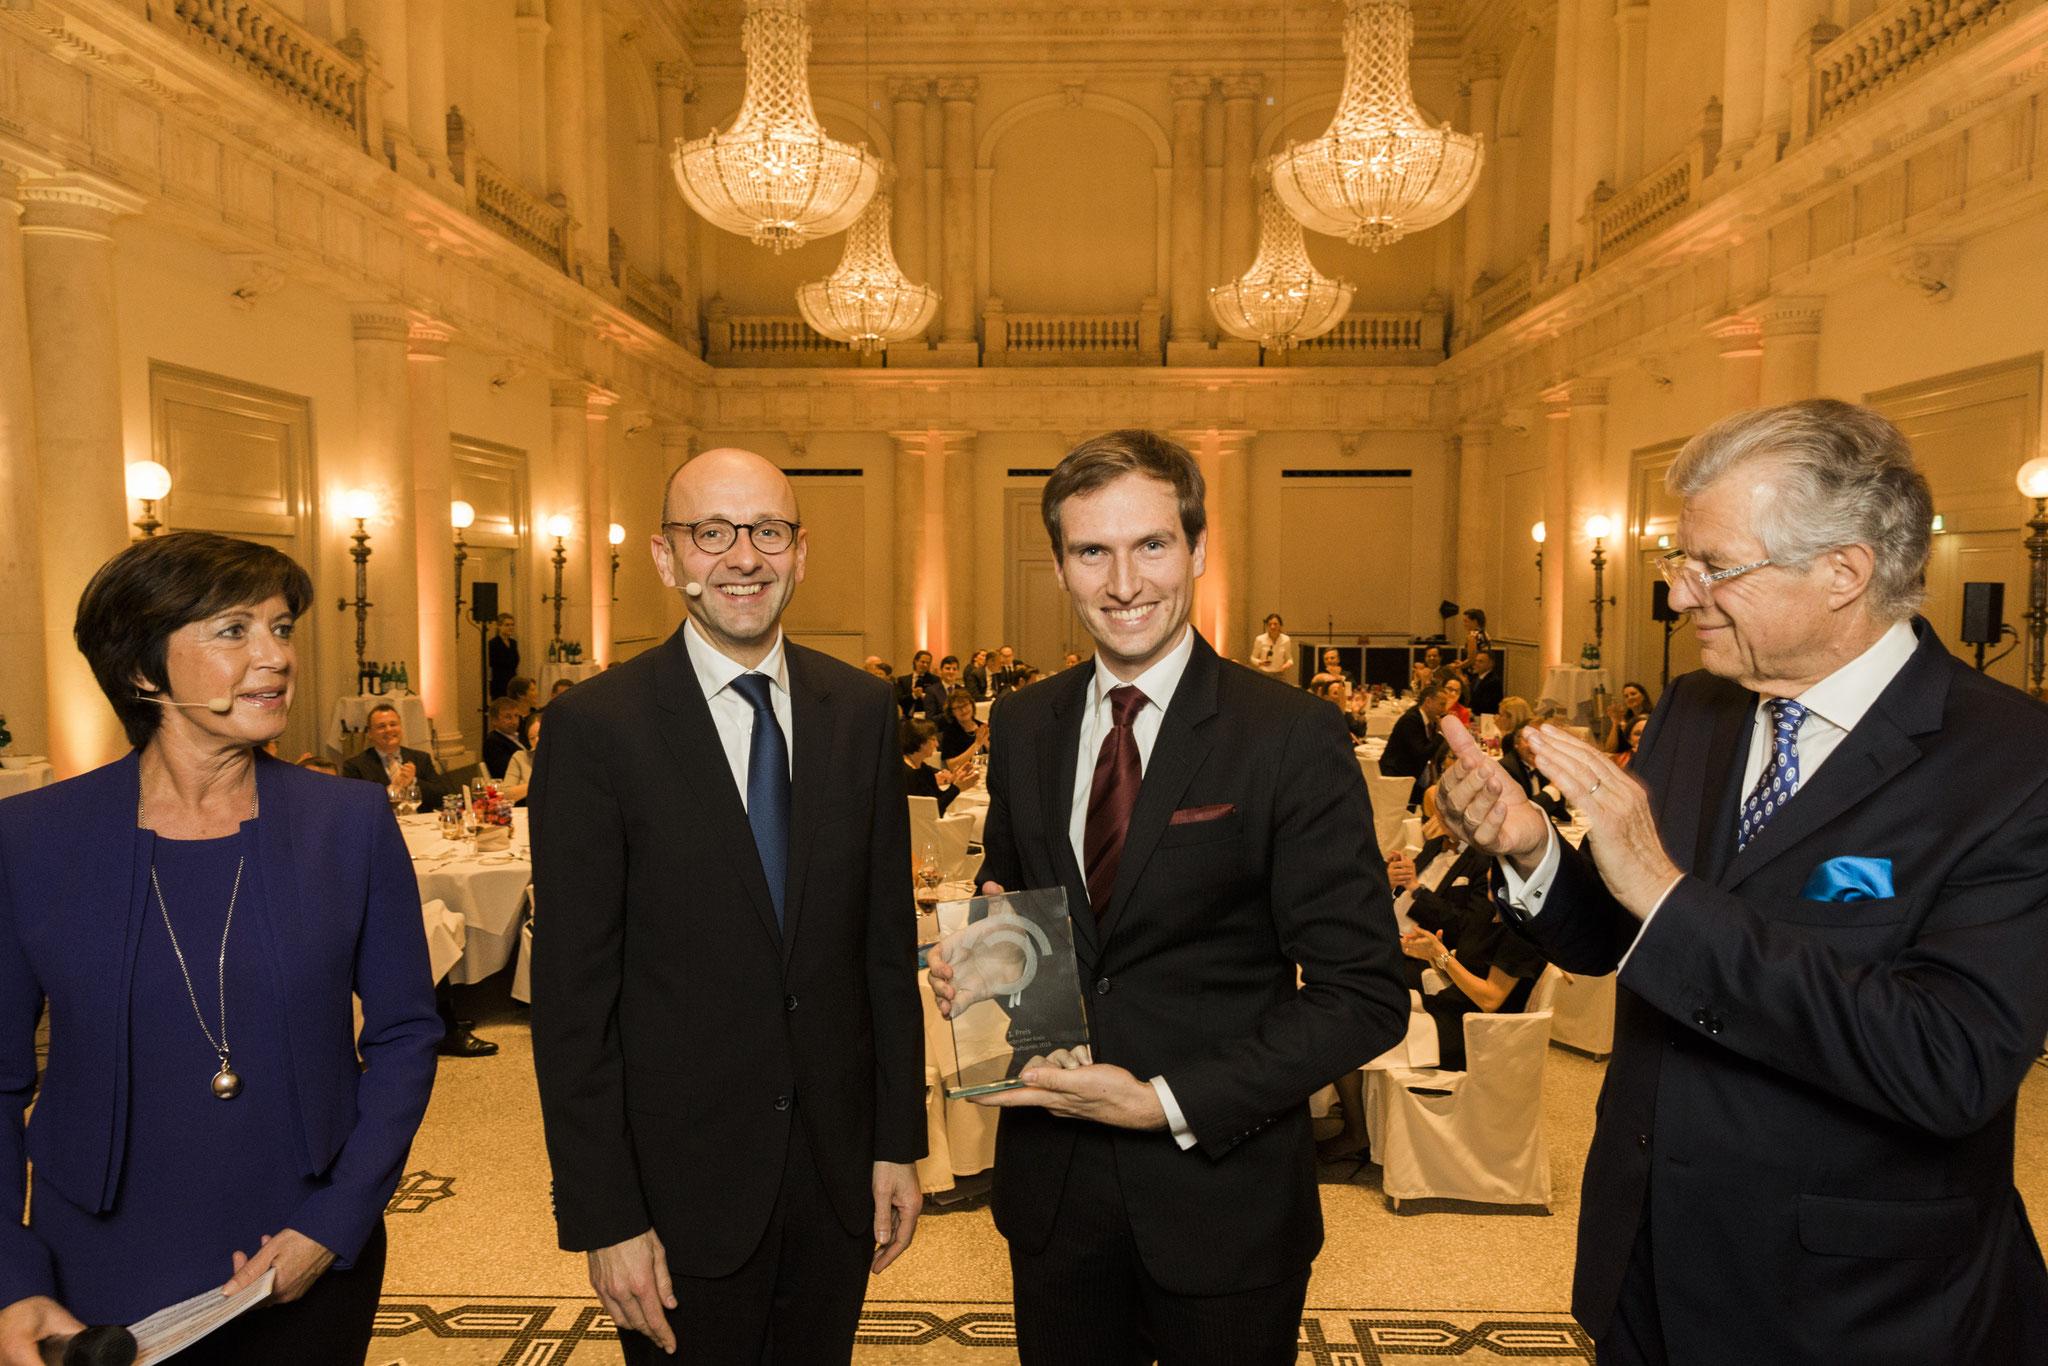 Presenter Ursula Heller, Lucas Flöther, Patrick Keinert, first prize Research Award, Bruno Kübler © 2018 Sven Döring